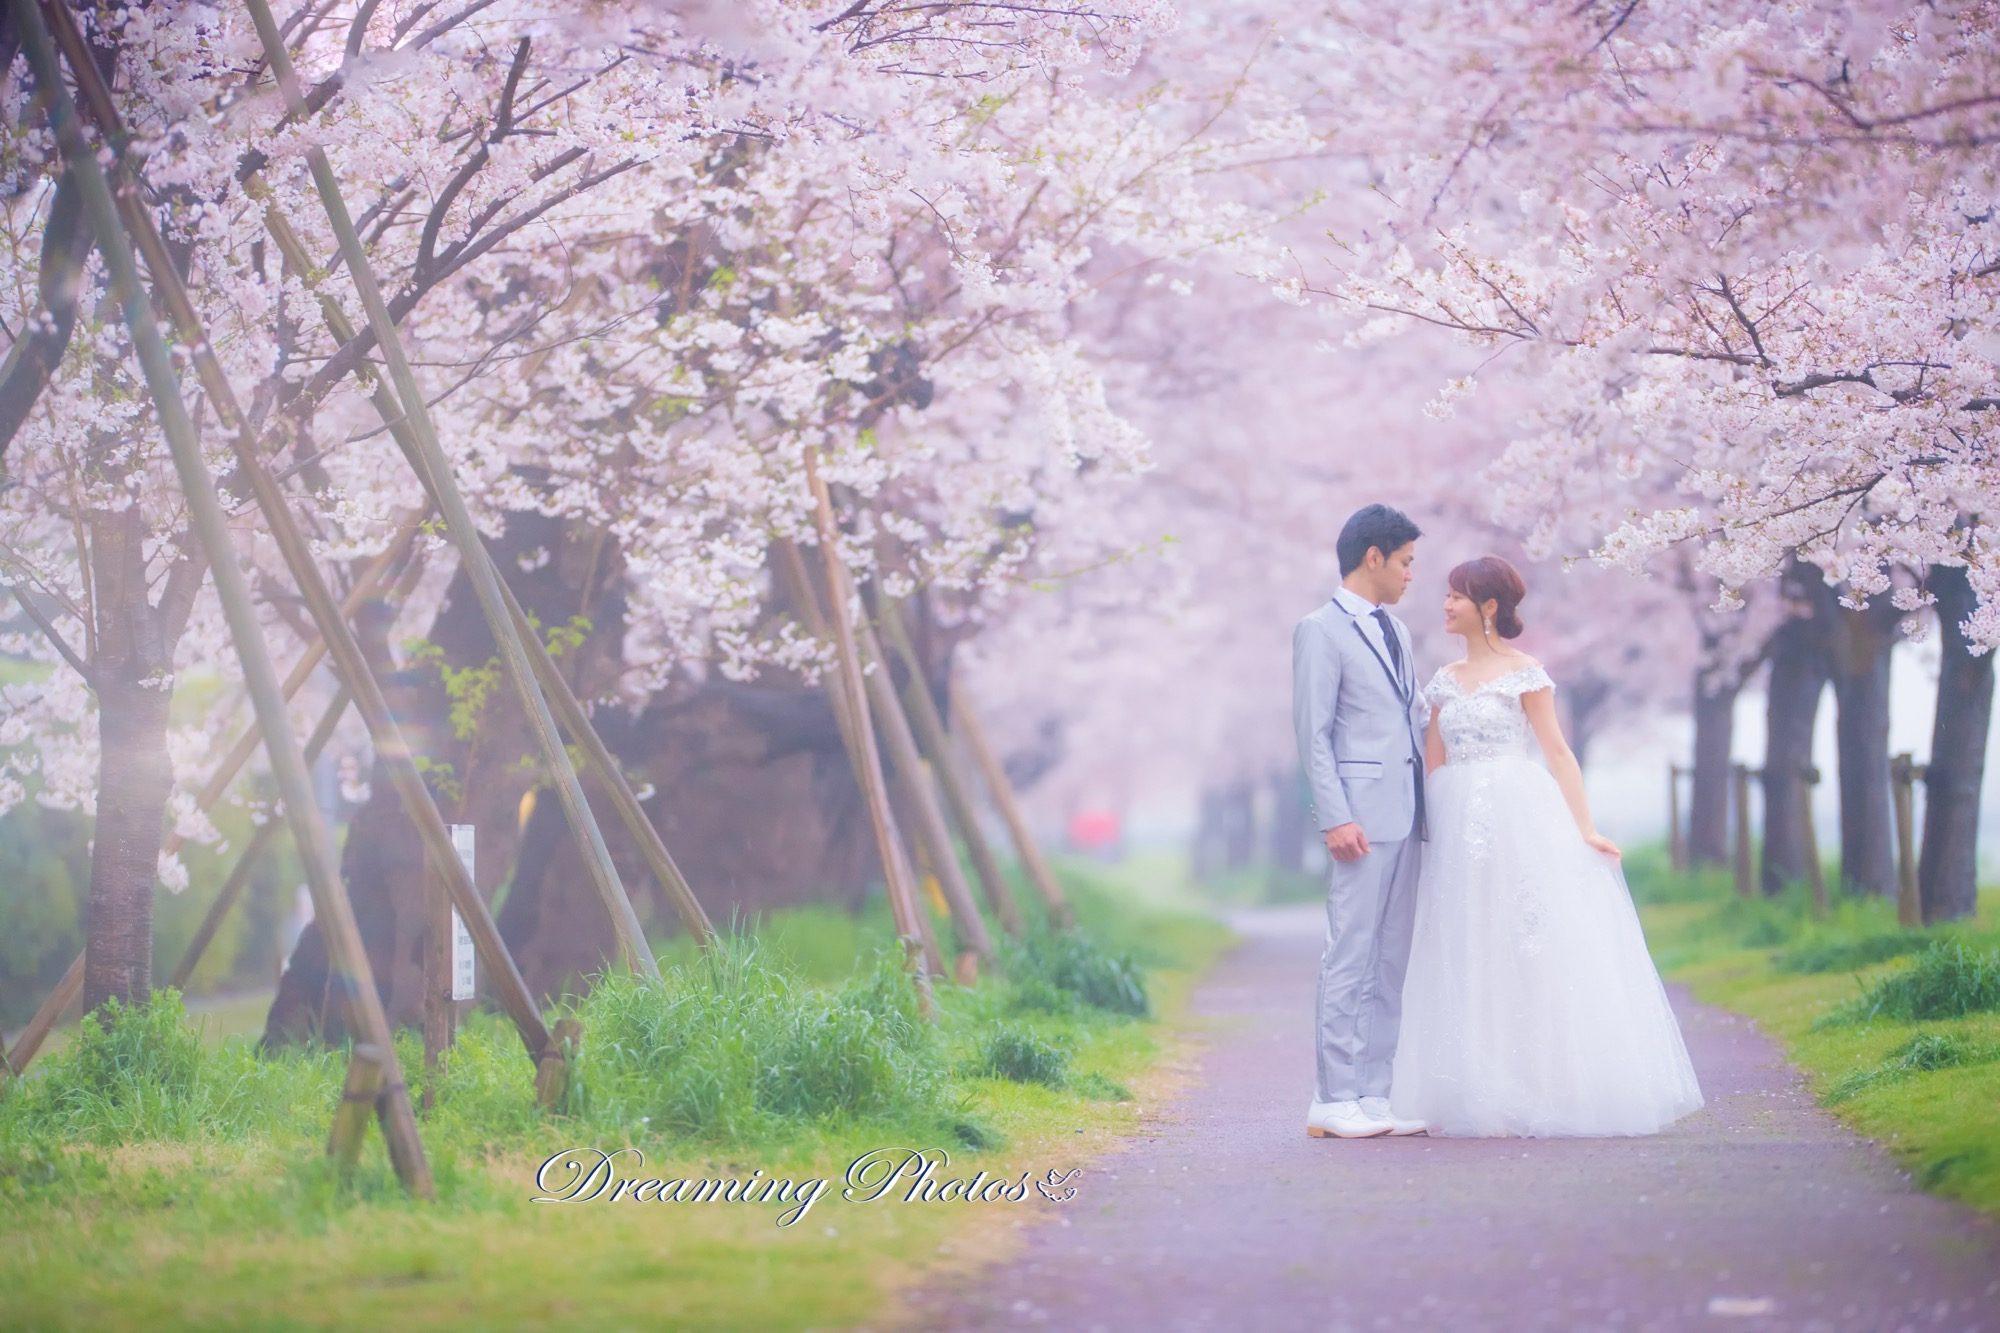 プレミアム フォトウェディング Premium Photo Wedding